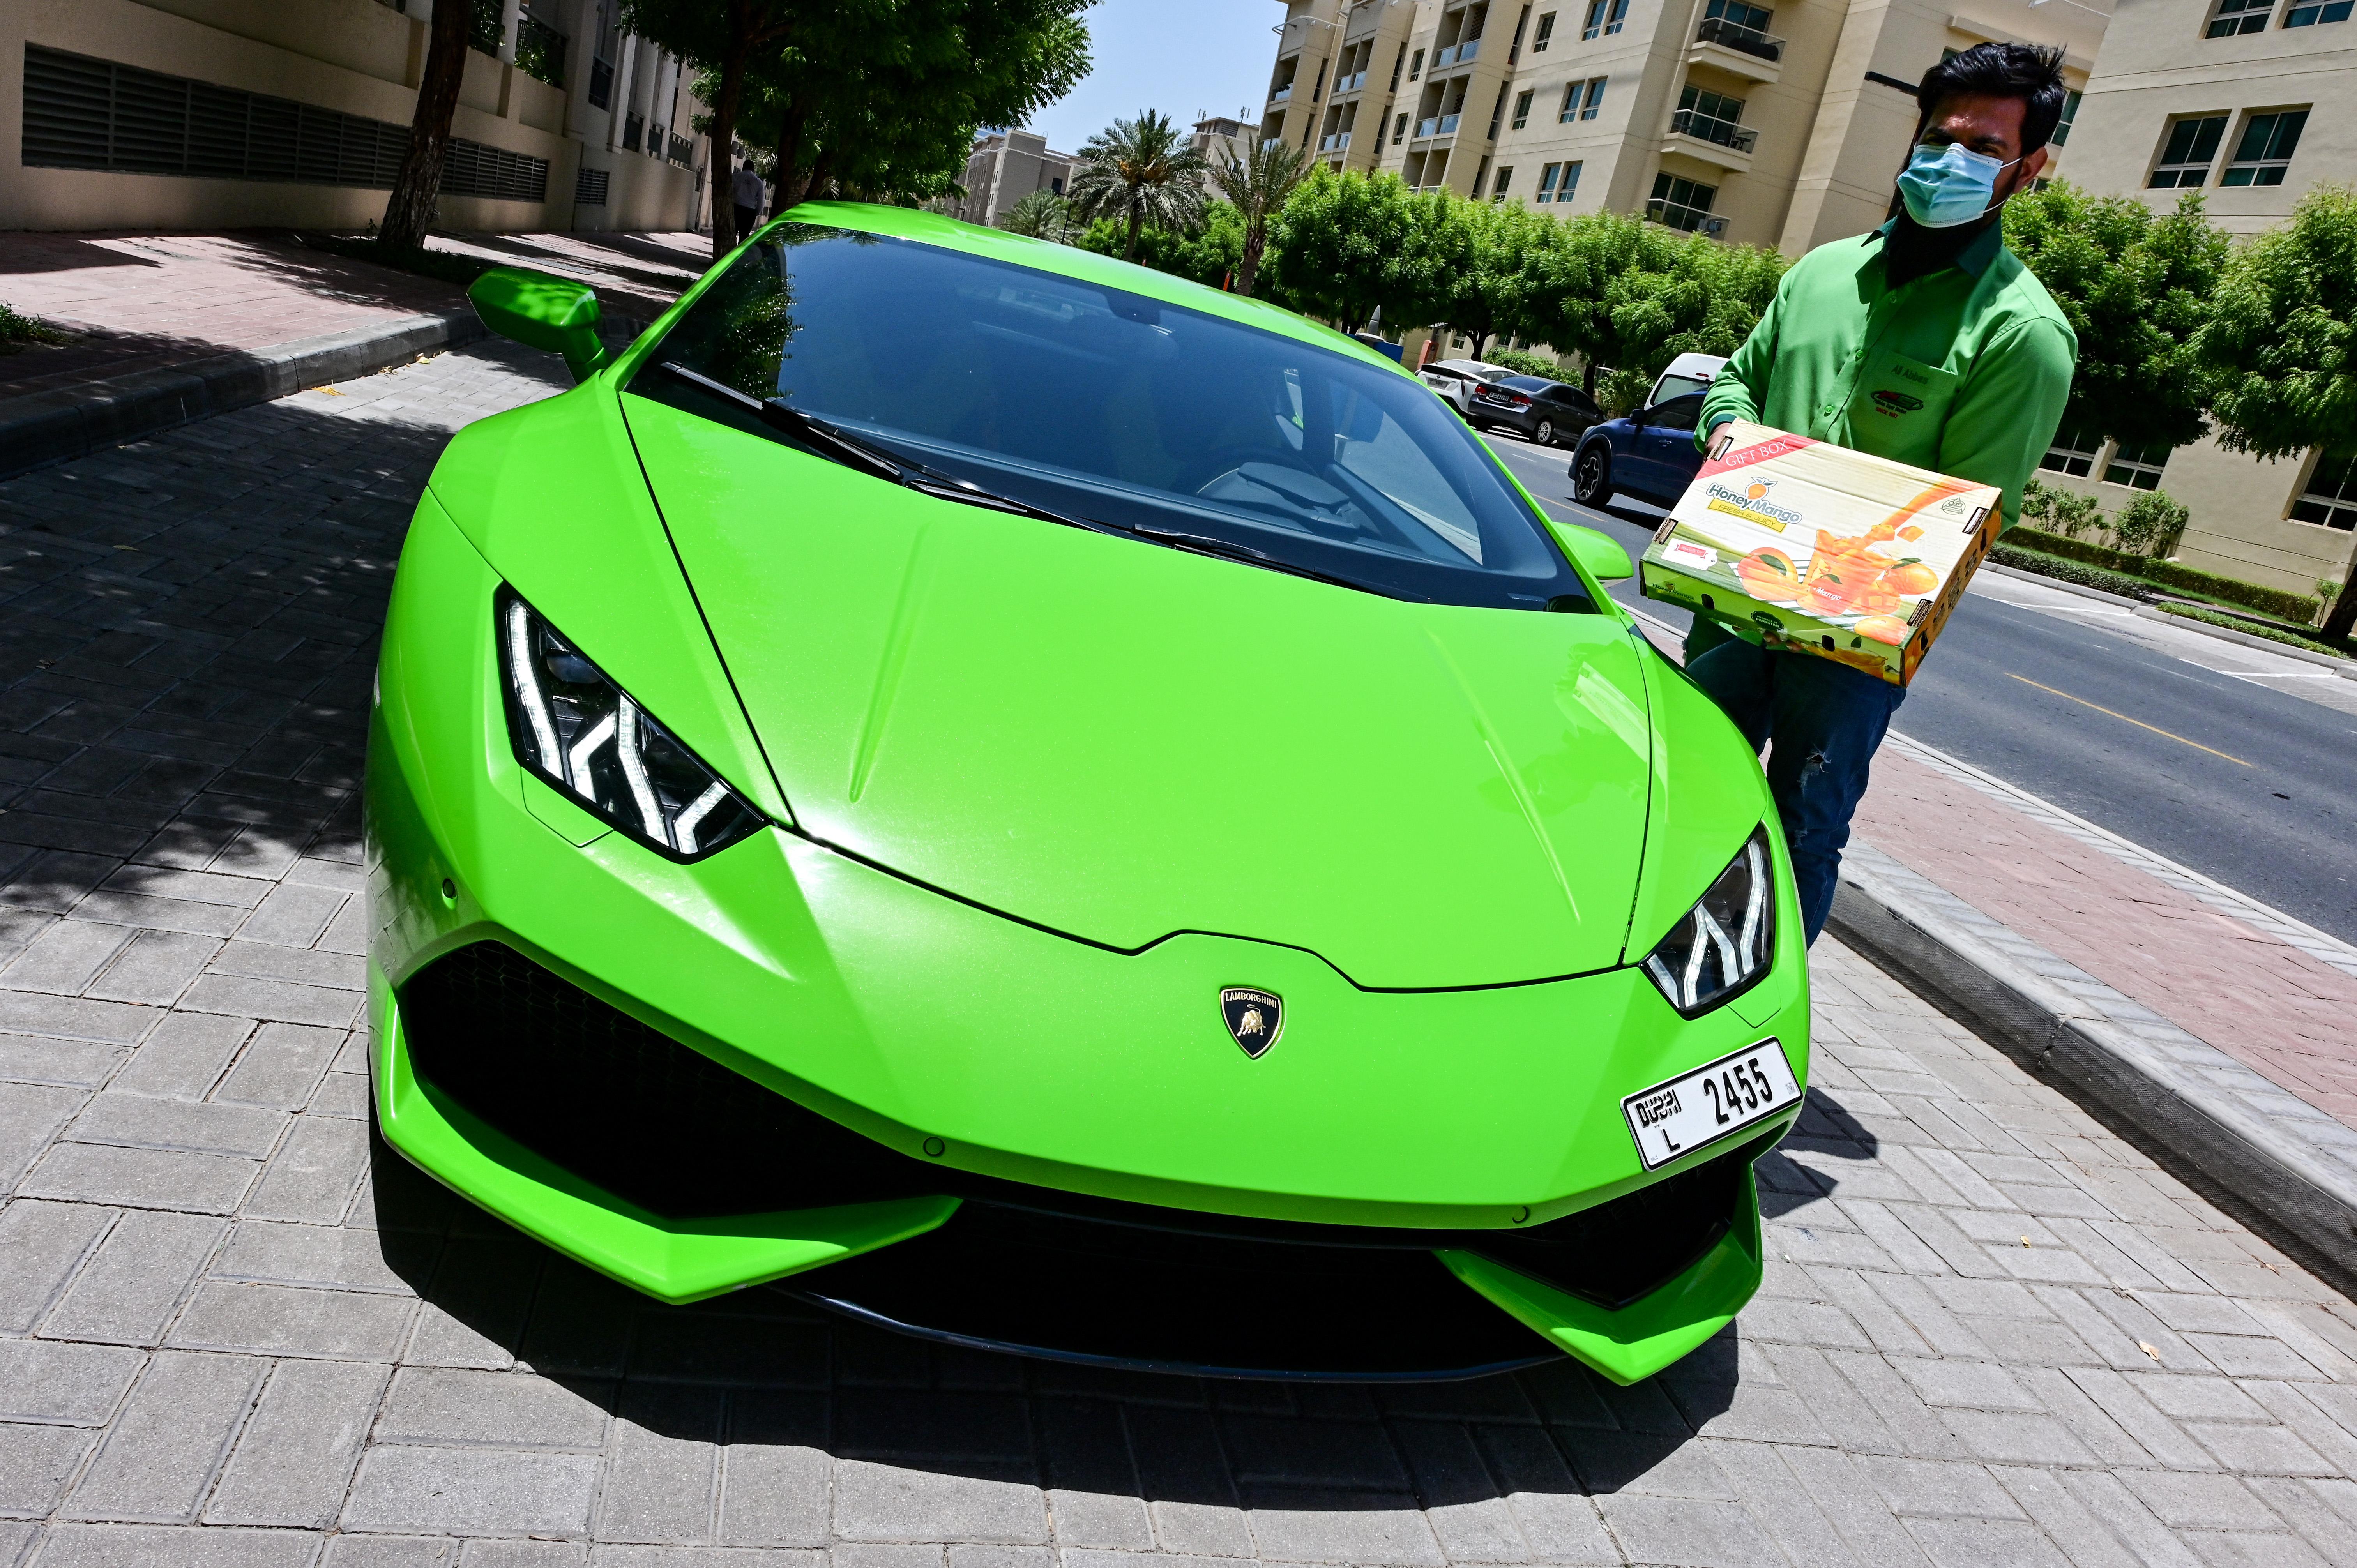 Letartóztattak egy floridai férfit, mert Lamborghinit vett a kkv-támogatásból